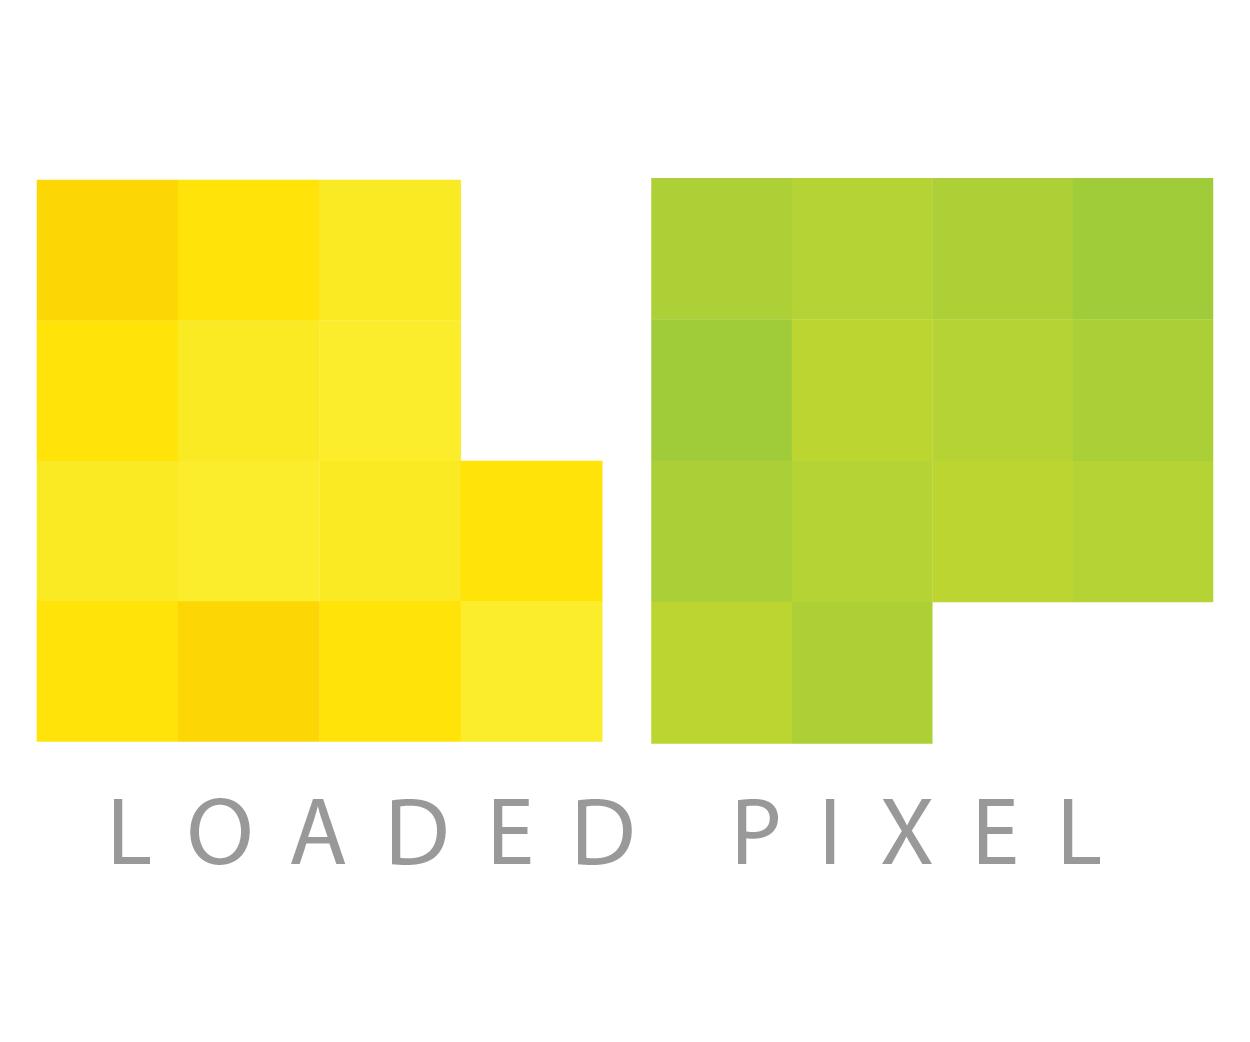 Loaded Pixel, LLC